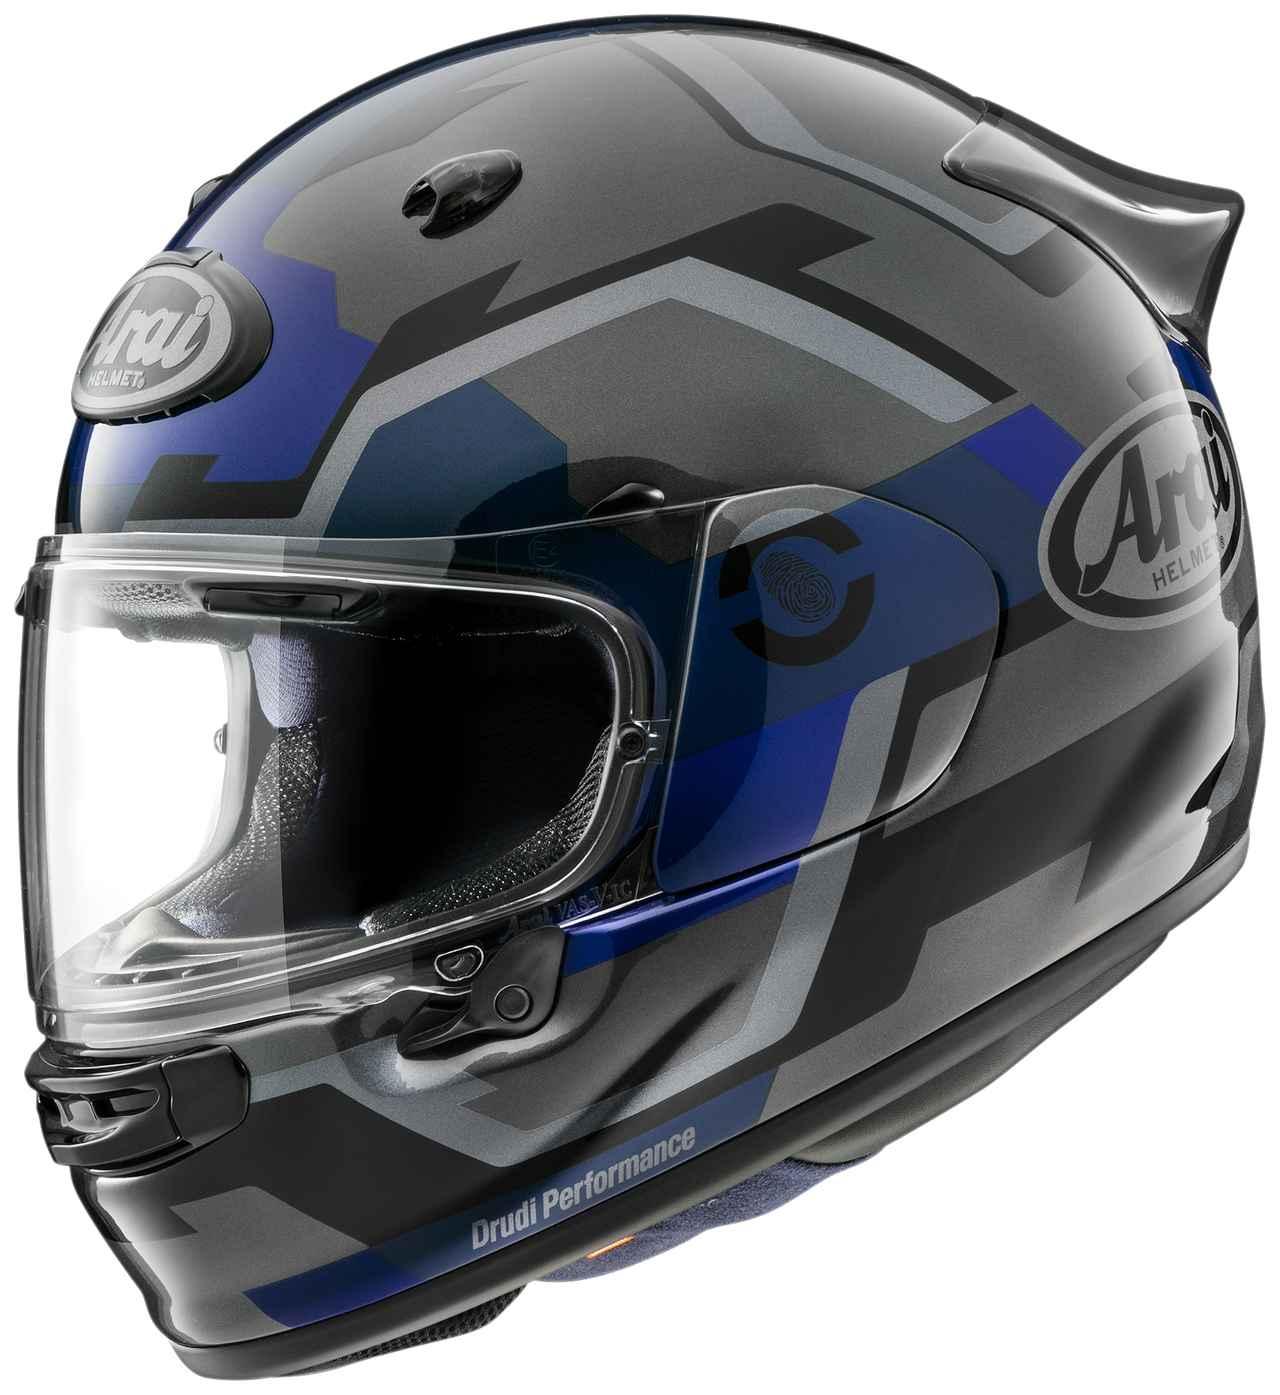 画像2: アライの新型ヘルメット「アストロGX」に初のグラフィックモデル「アストロGX・フェイス」が登場、カラーは3色!